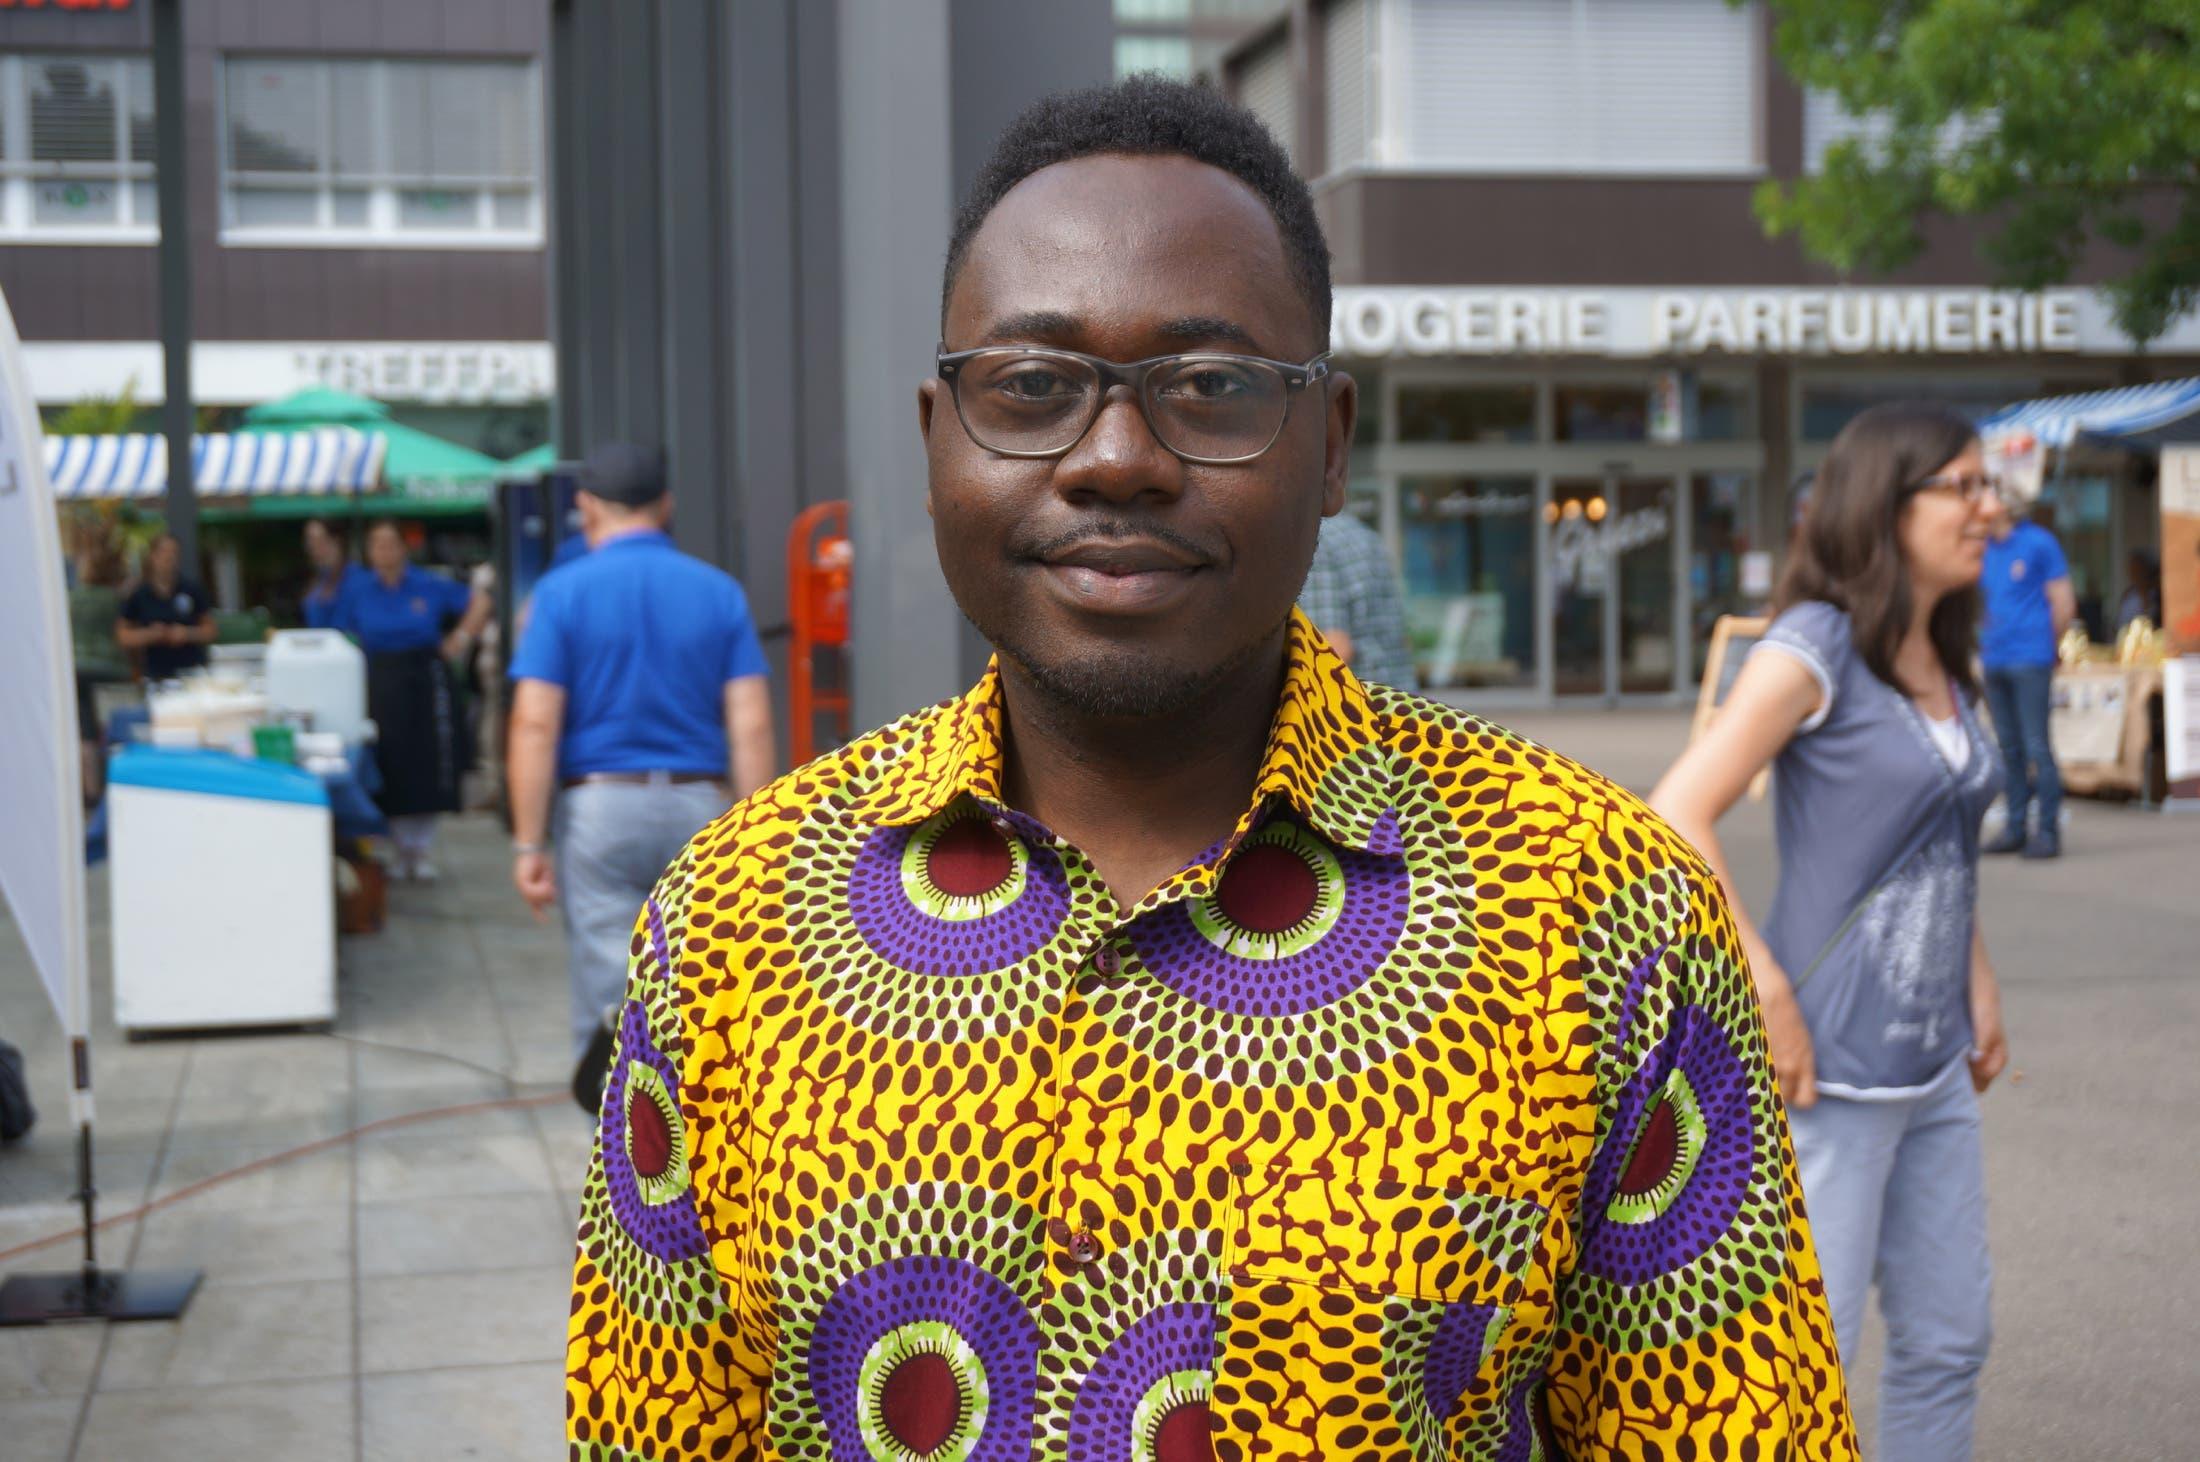 Edward Filippi (29), Zürich «Ich komme aus Ghana, dort kostet eine Brille im Schnitt 50 Franken, was ein bis zwei Monatslöhnen entspricht. Weil in den meisten afrikanischen Ländern Brillen zu teuer sind, wird die Ein-Dollar-Brillen-Aktion dort Gutes bewirken.»